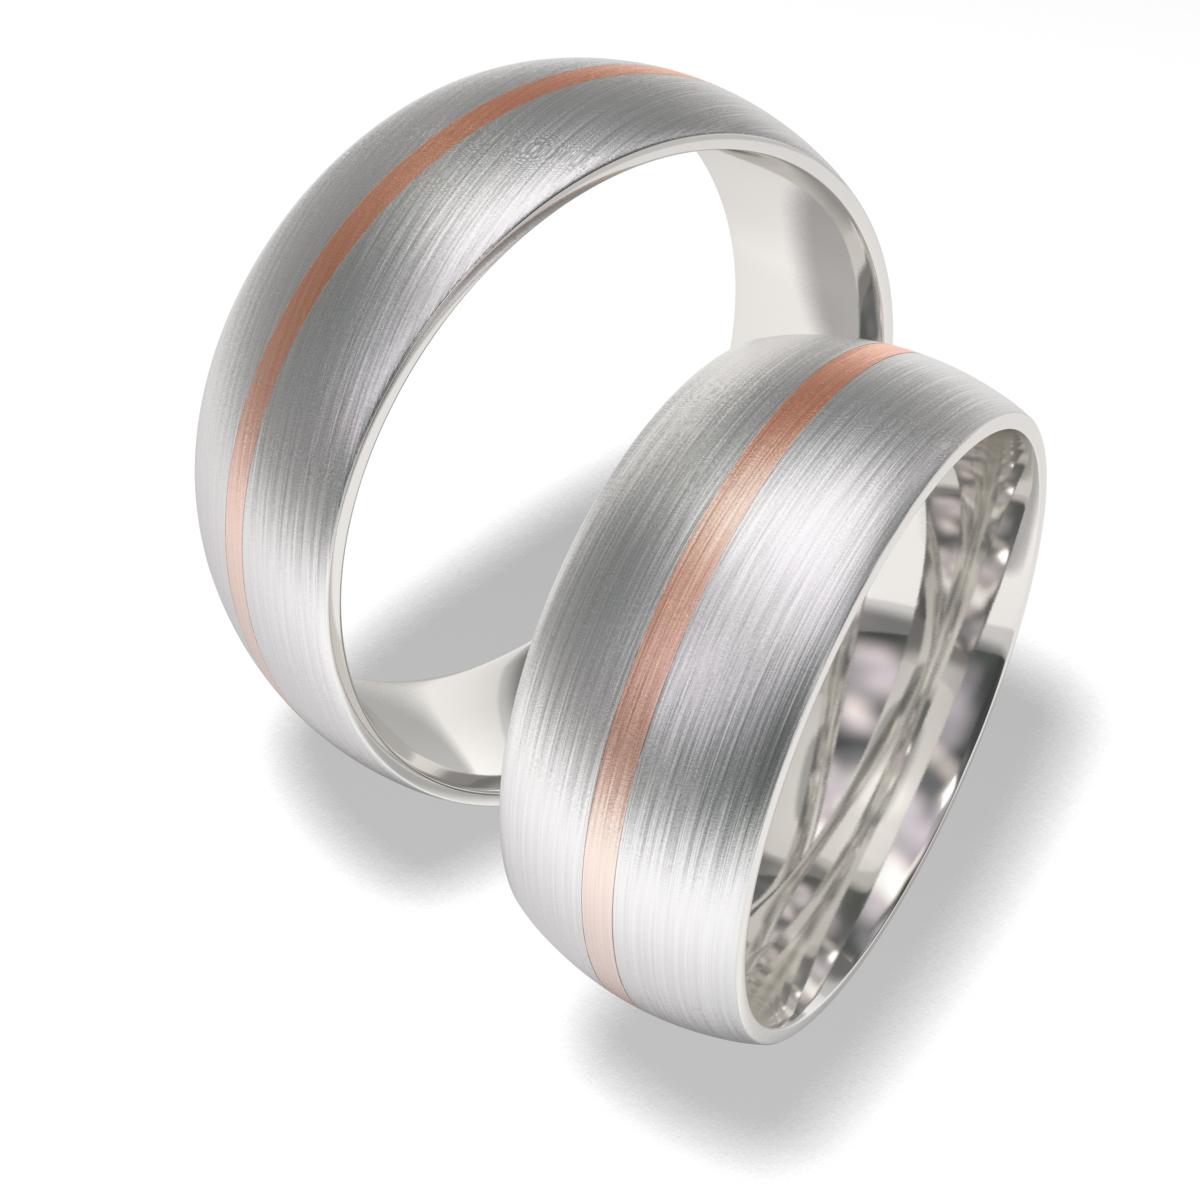 Luxusní Ocelové snubní prsteny 7019 (Luxusní Ocelové snubní prsteny 7019)